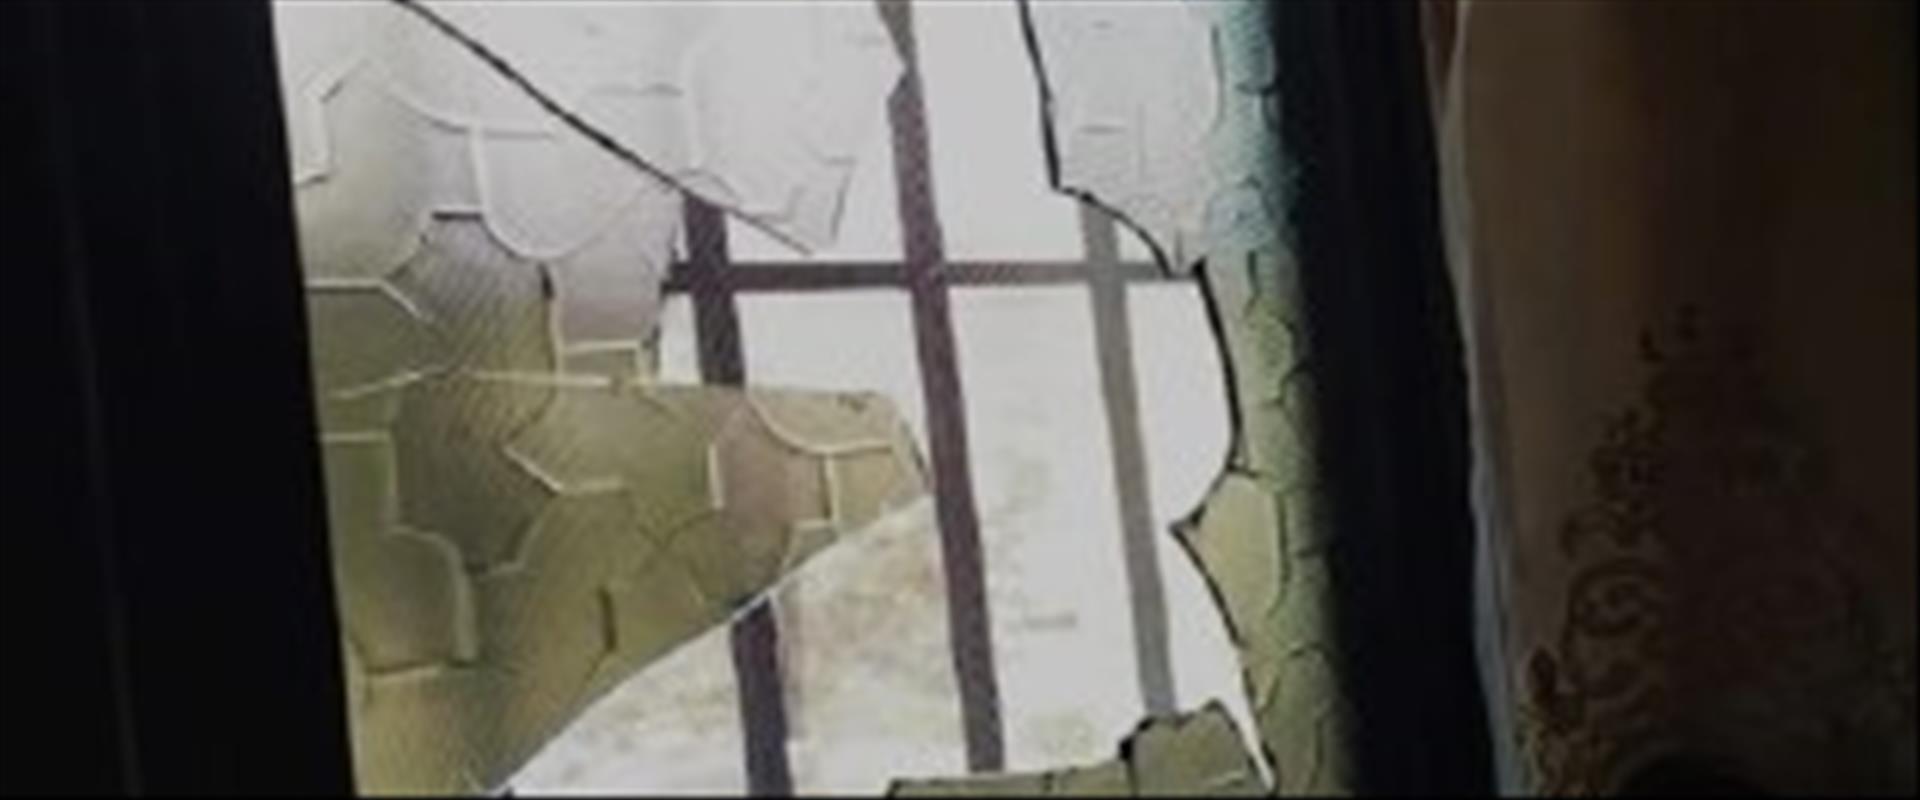 הנזק שנגרם לבית ליד שכם שנזרקו עליו אבנים